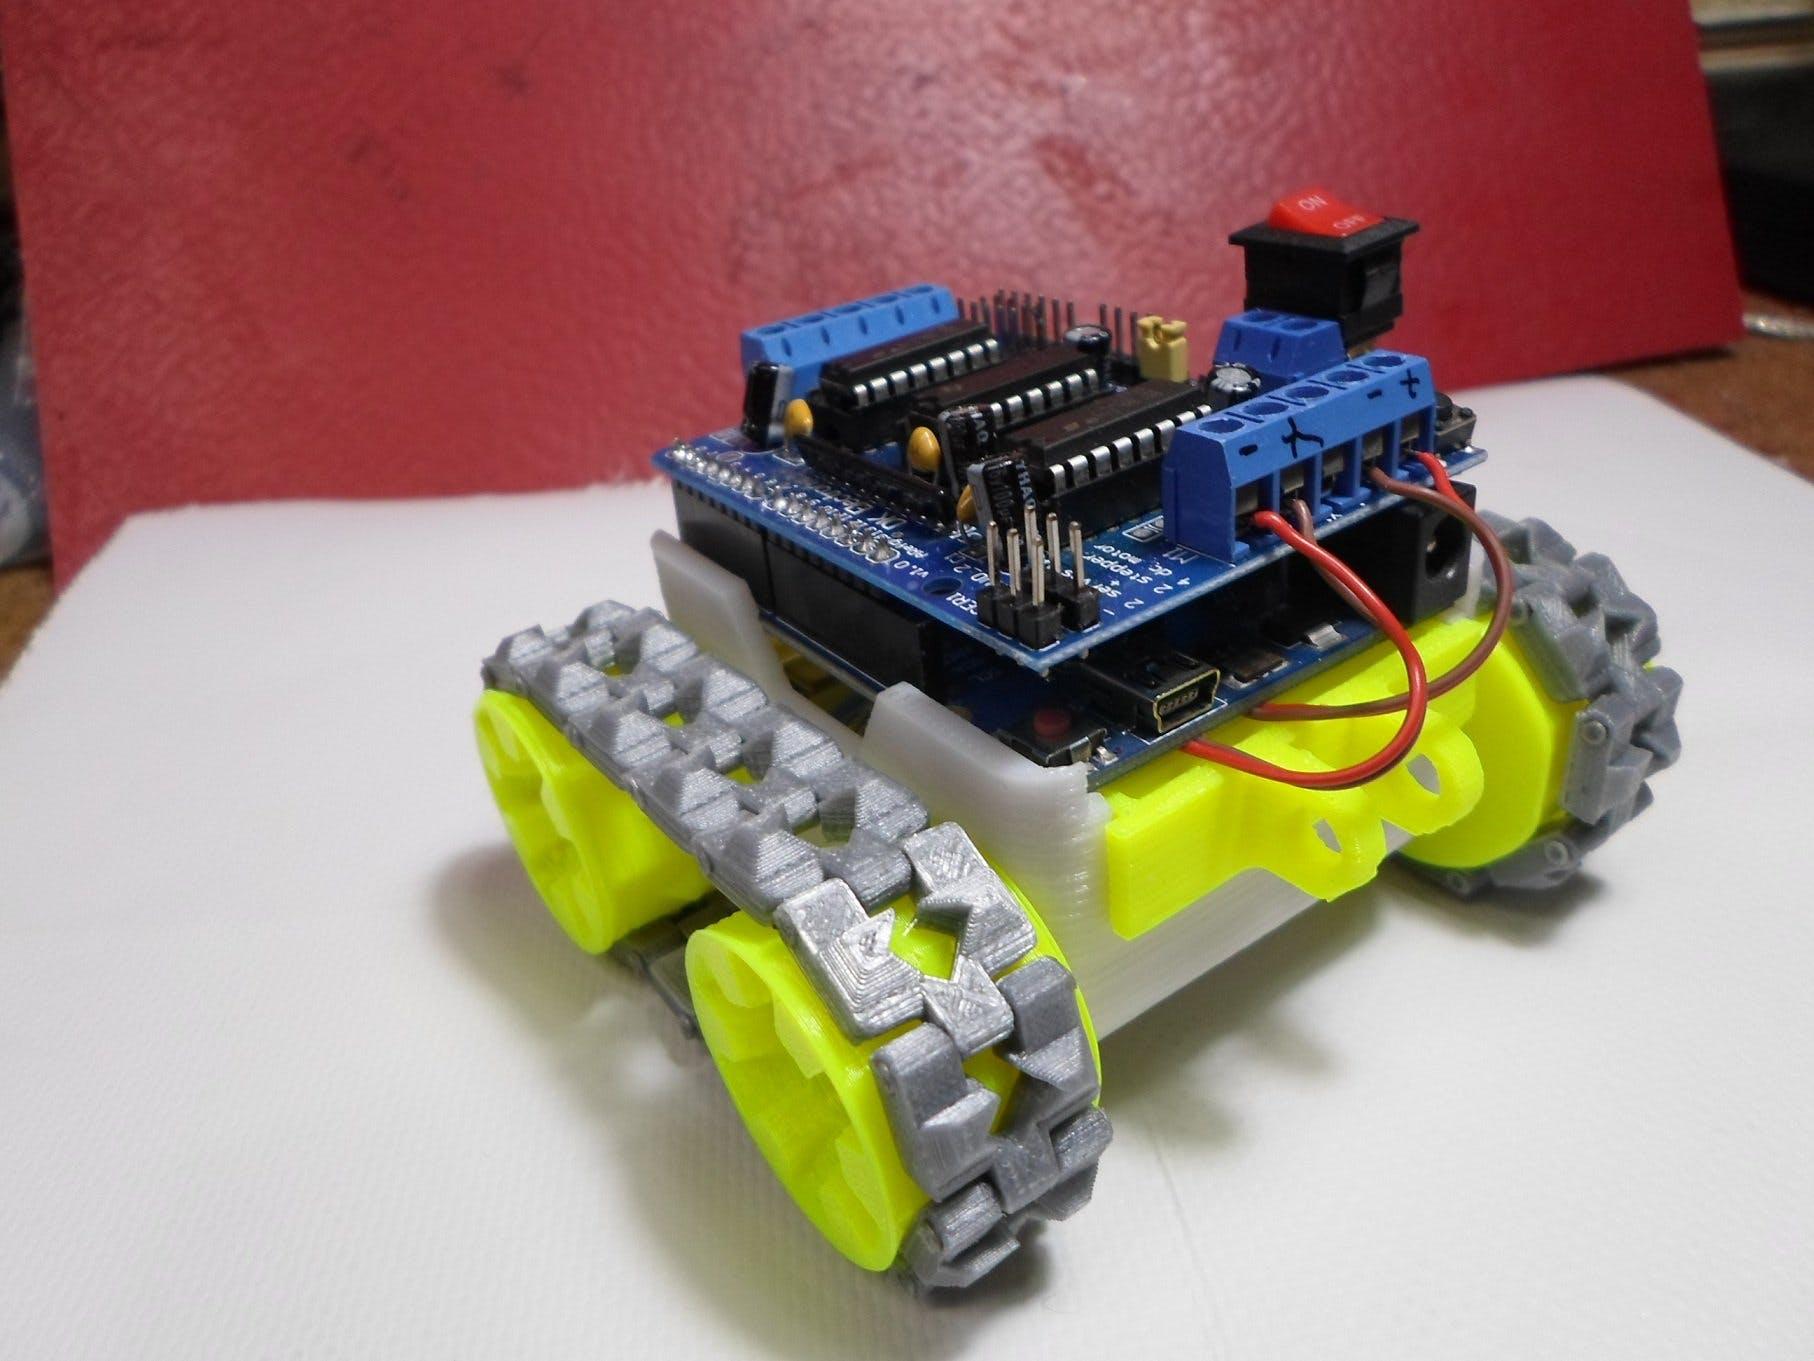 SMARS: 3D-Printed Arduino Caterpillar Robot